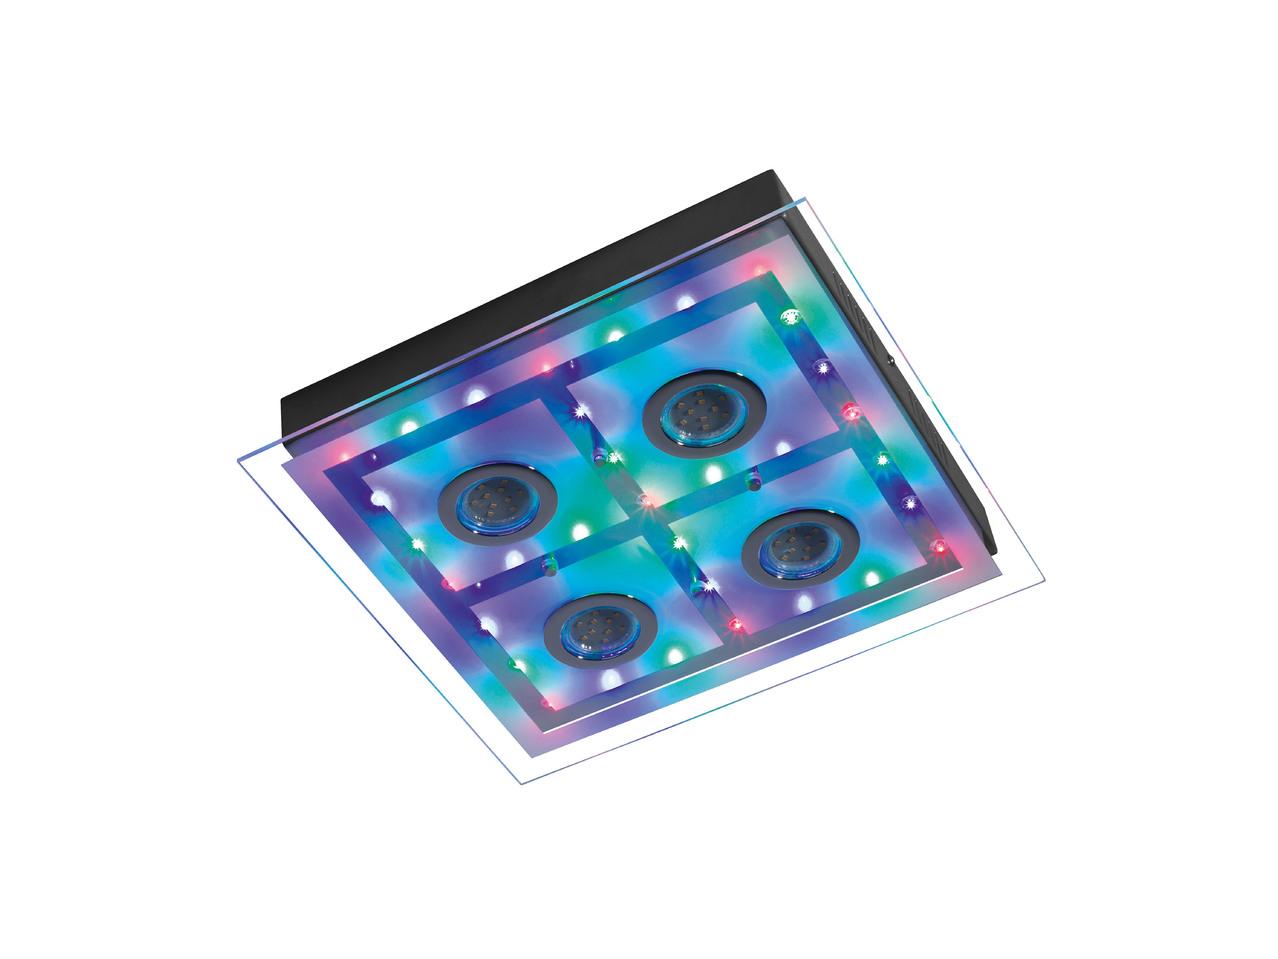 Stropní svítidlo měnící barvy Livarnolux